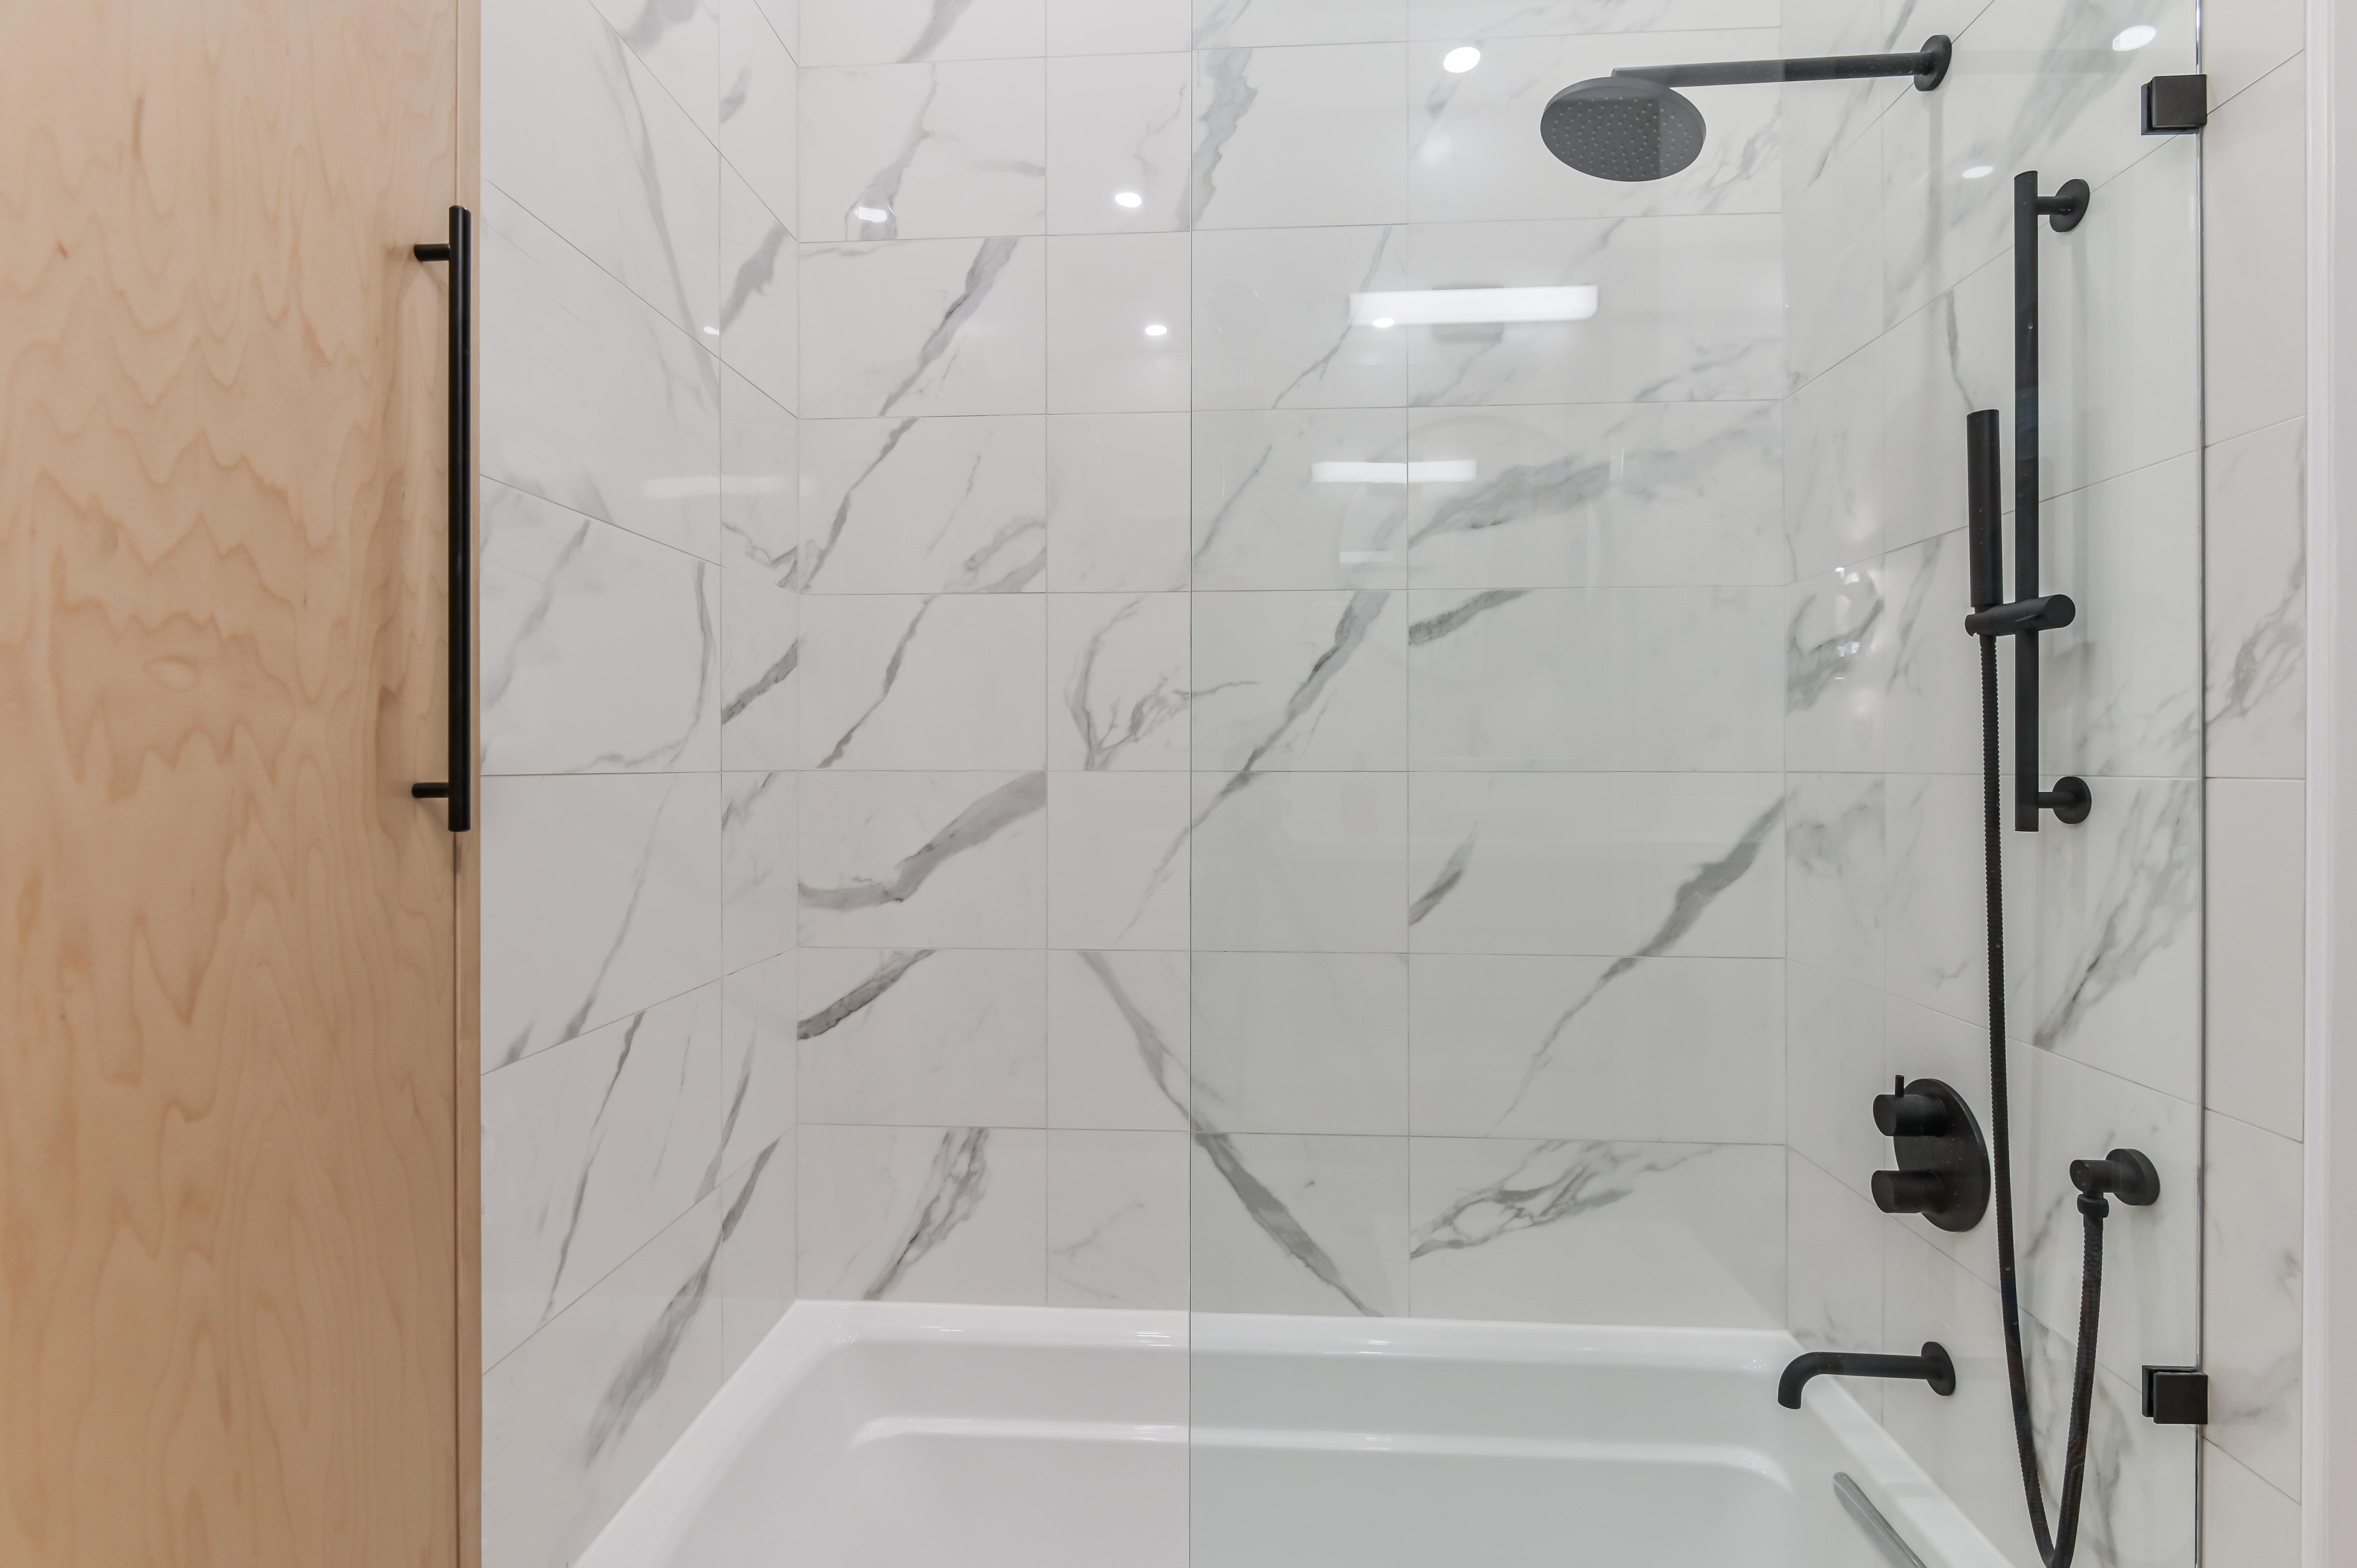 Bain-douche vitré avec tuiles façon marbre et robinetterie noire matte